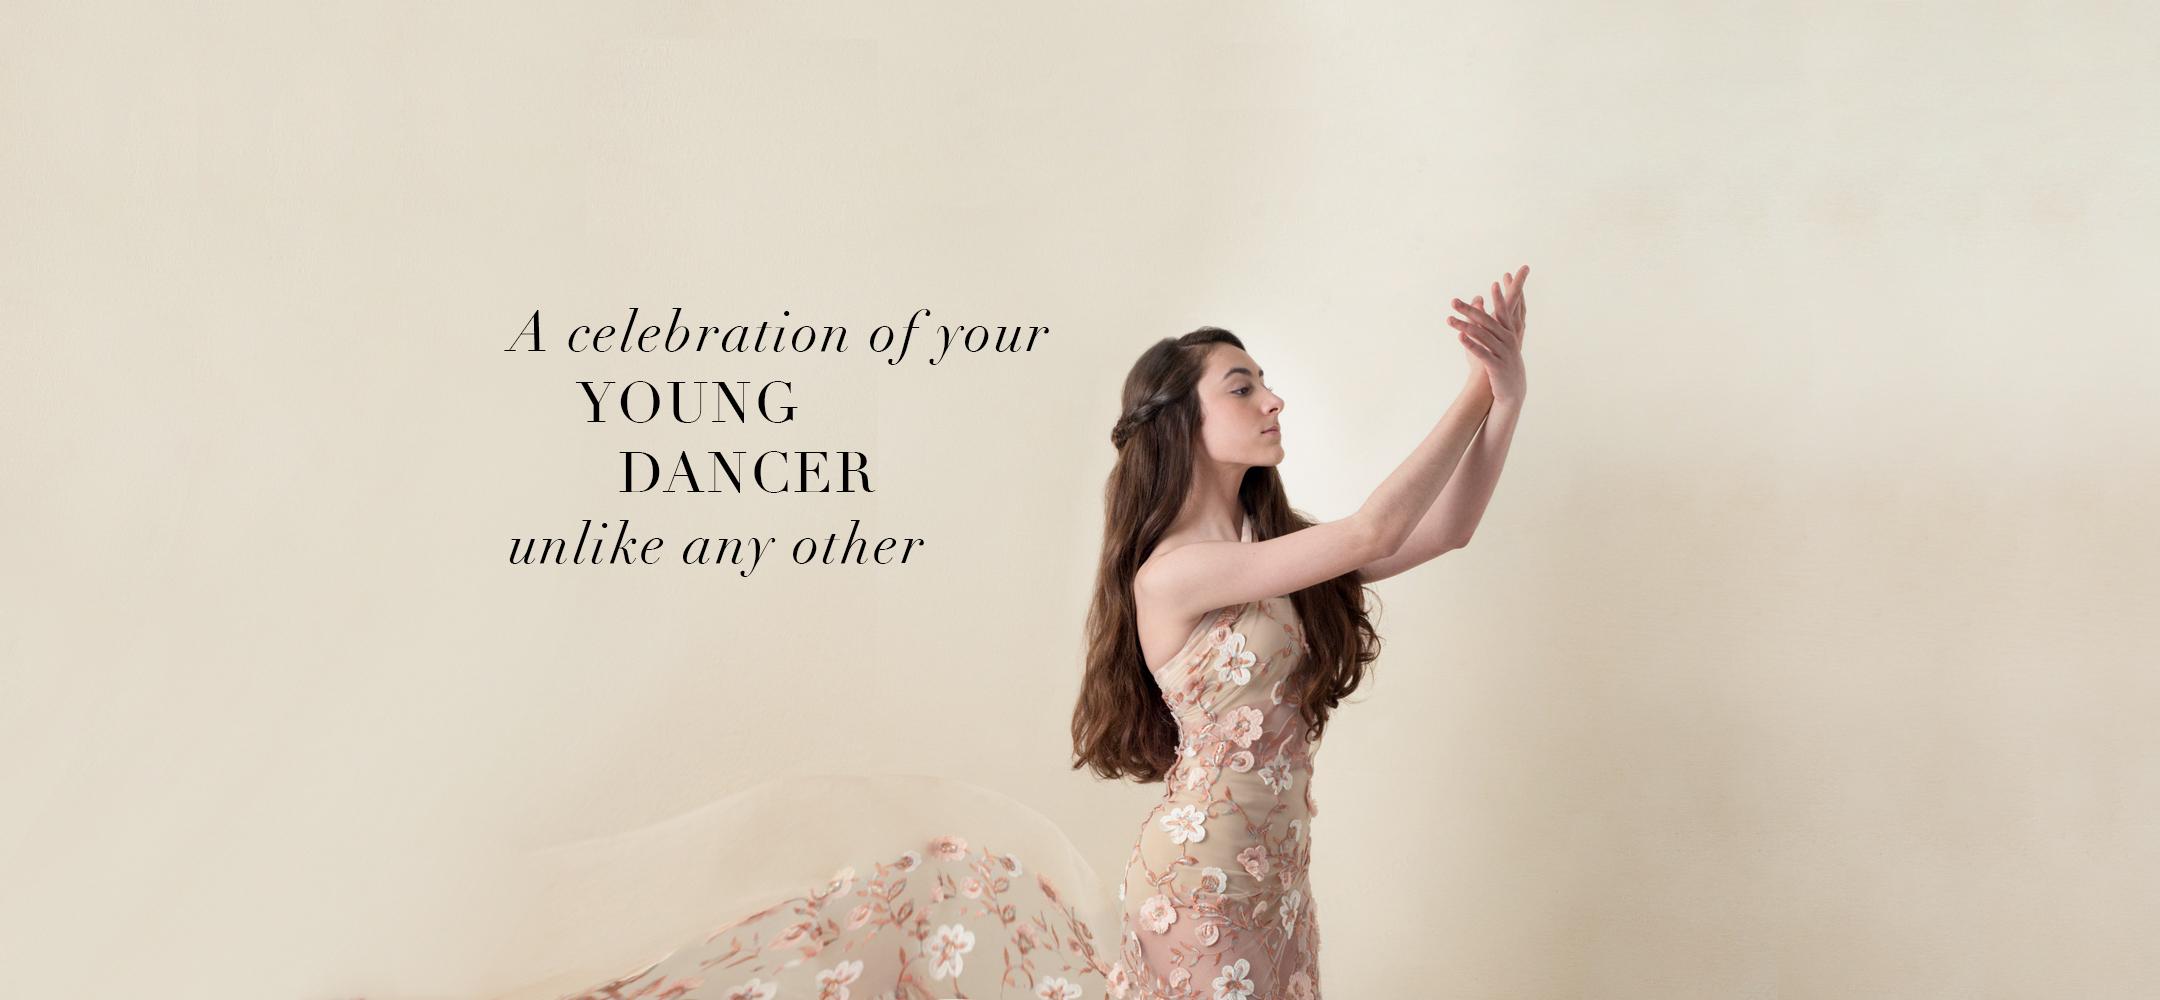 Ava_Header_Dance.jpg